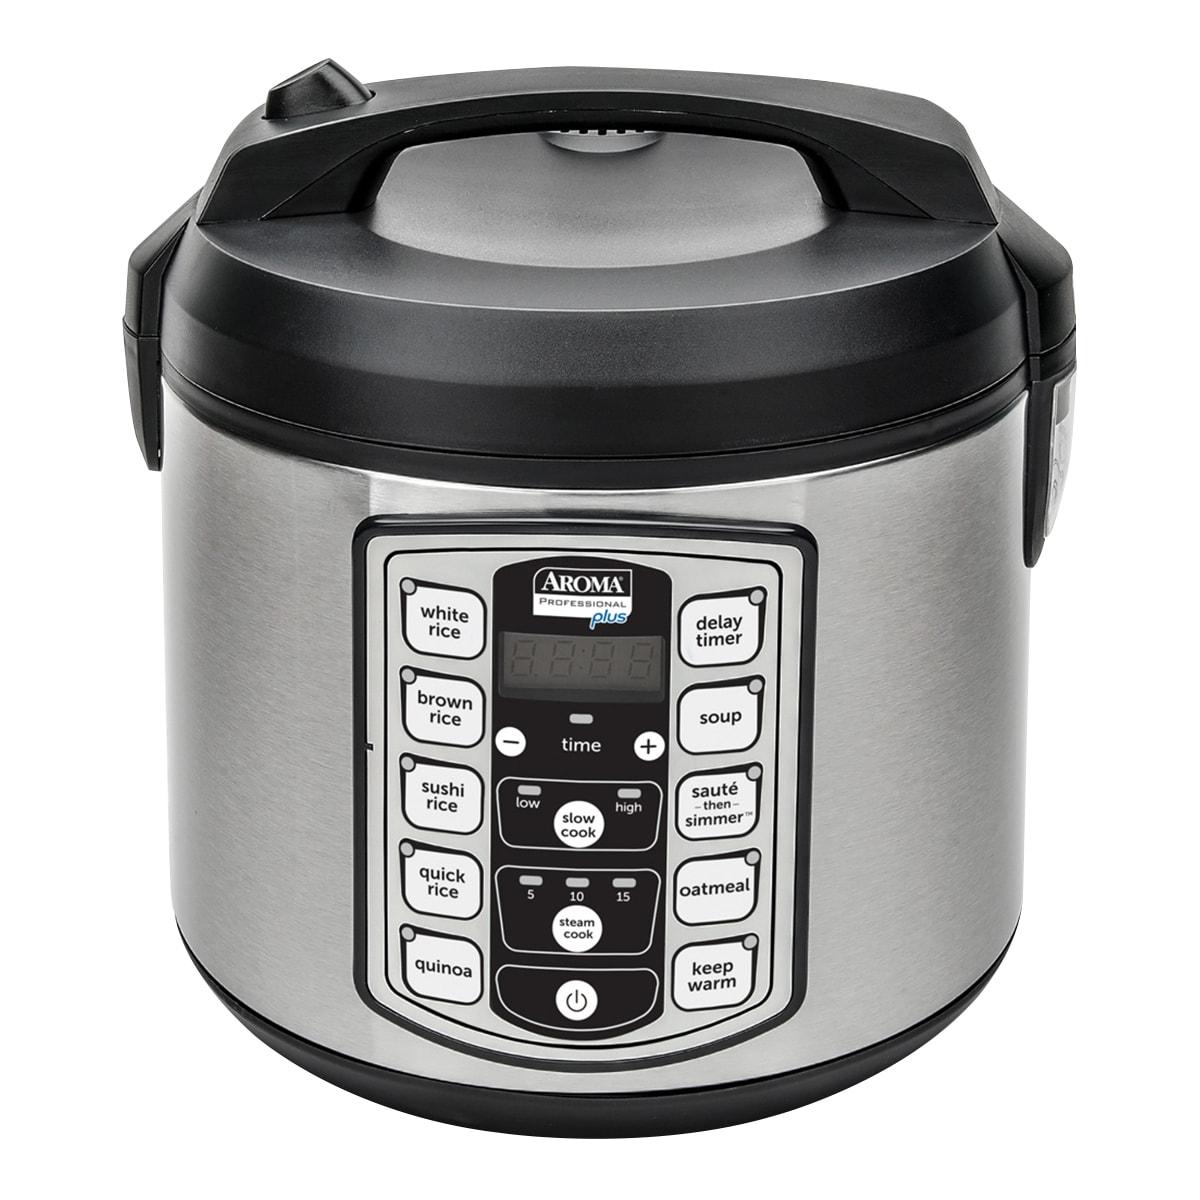 美国AROMA  多功能全智能电饭煲 20杯熟米容量/10杯生米容量 ARC-5000SB (5年制造商保修)